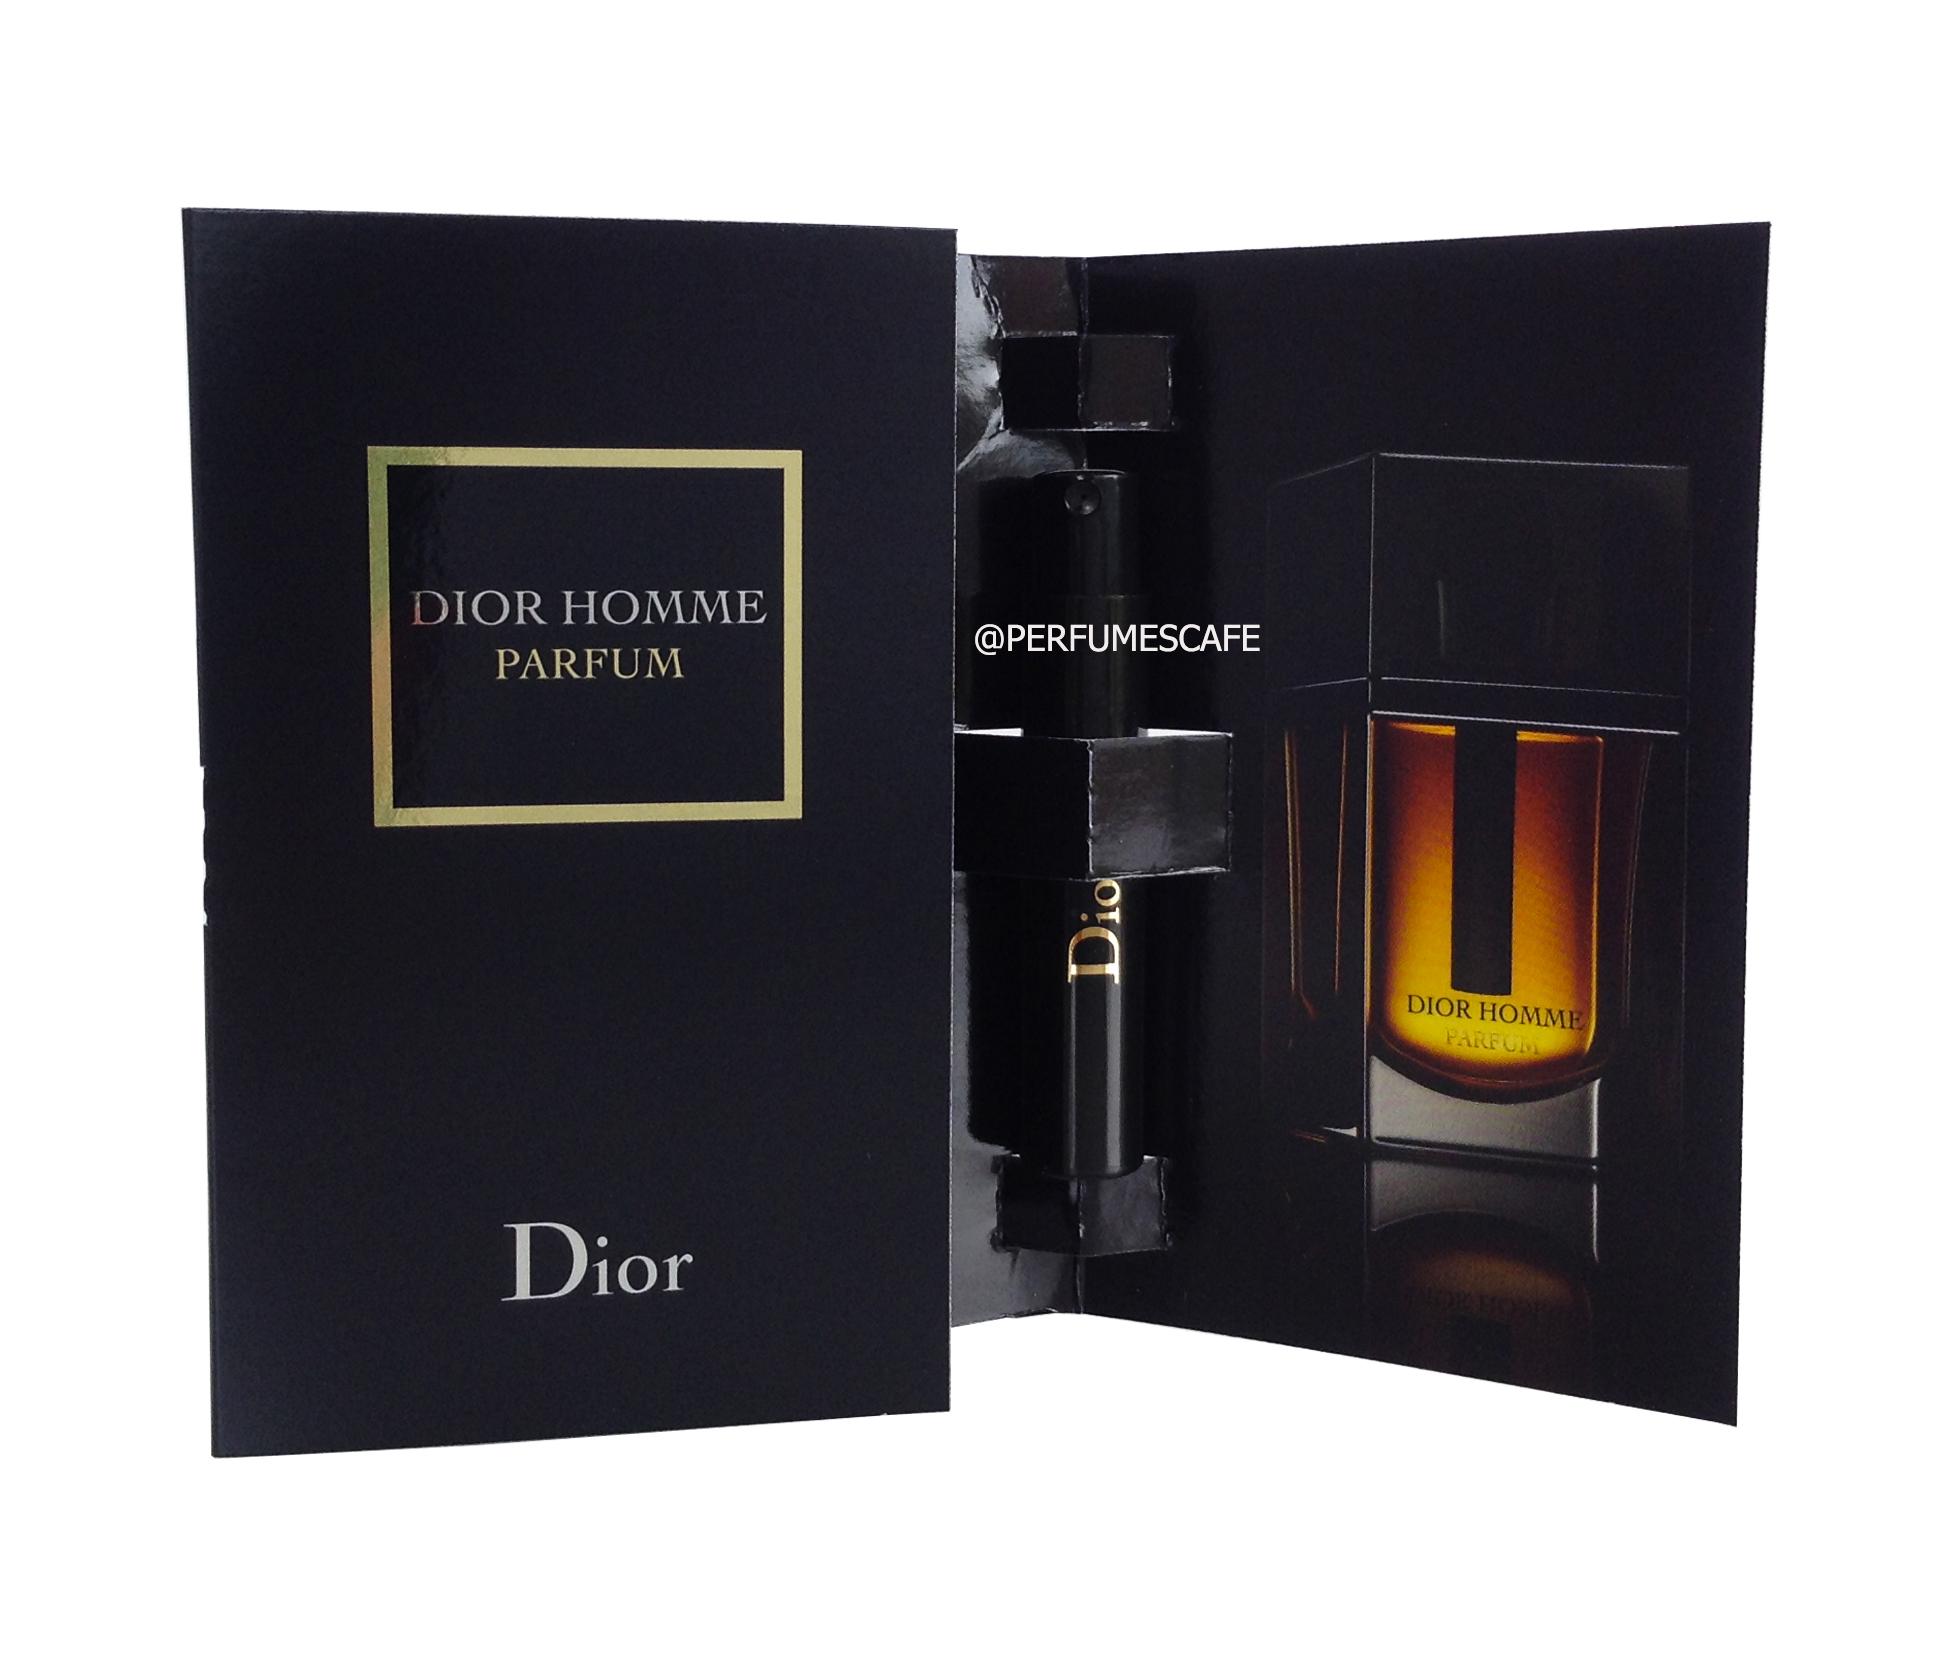 น้ำหอม Dior Homme Parfum for men ขนาดทดลอง 1ml